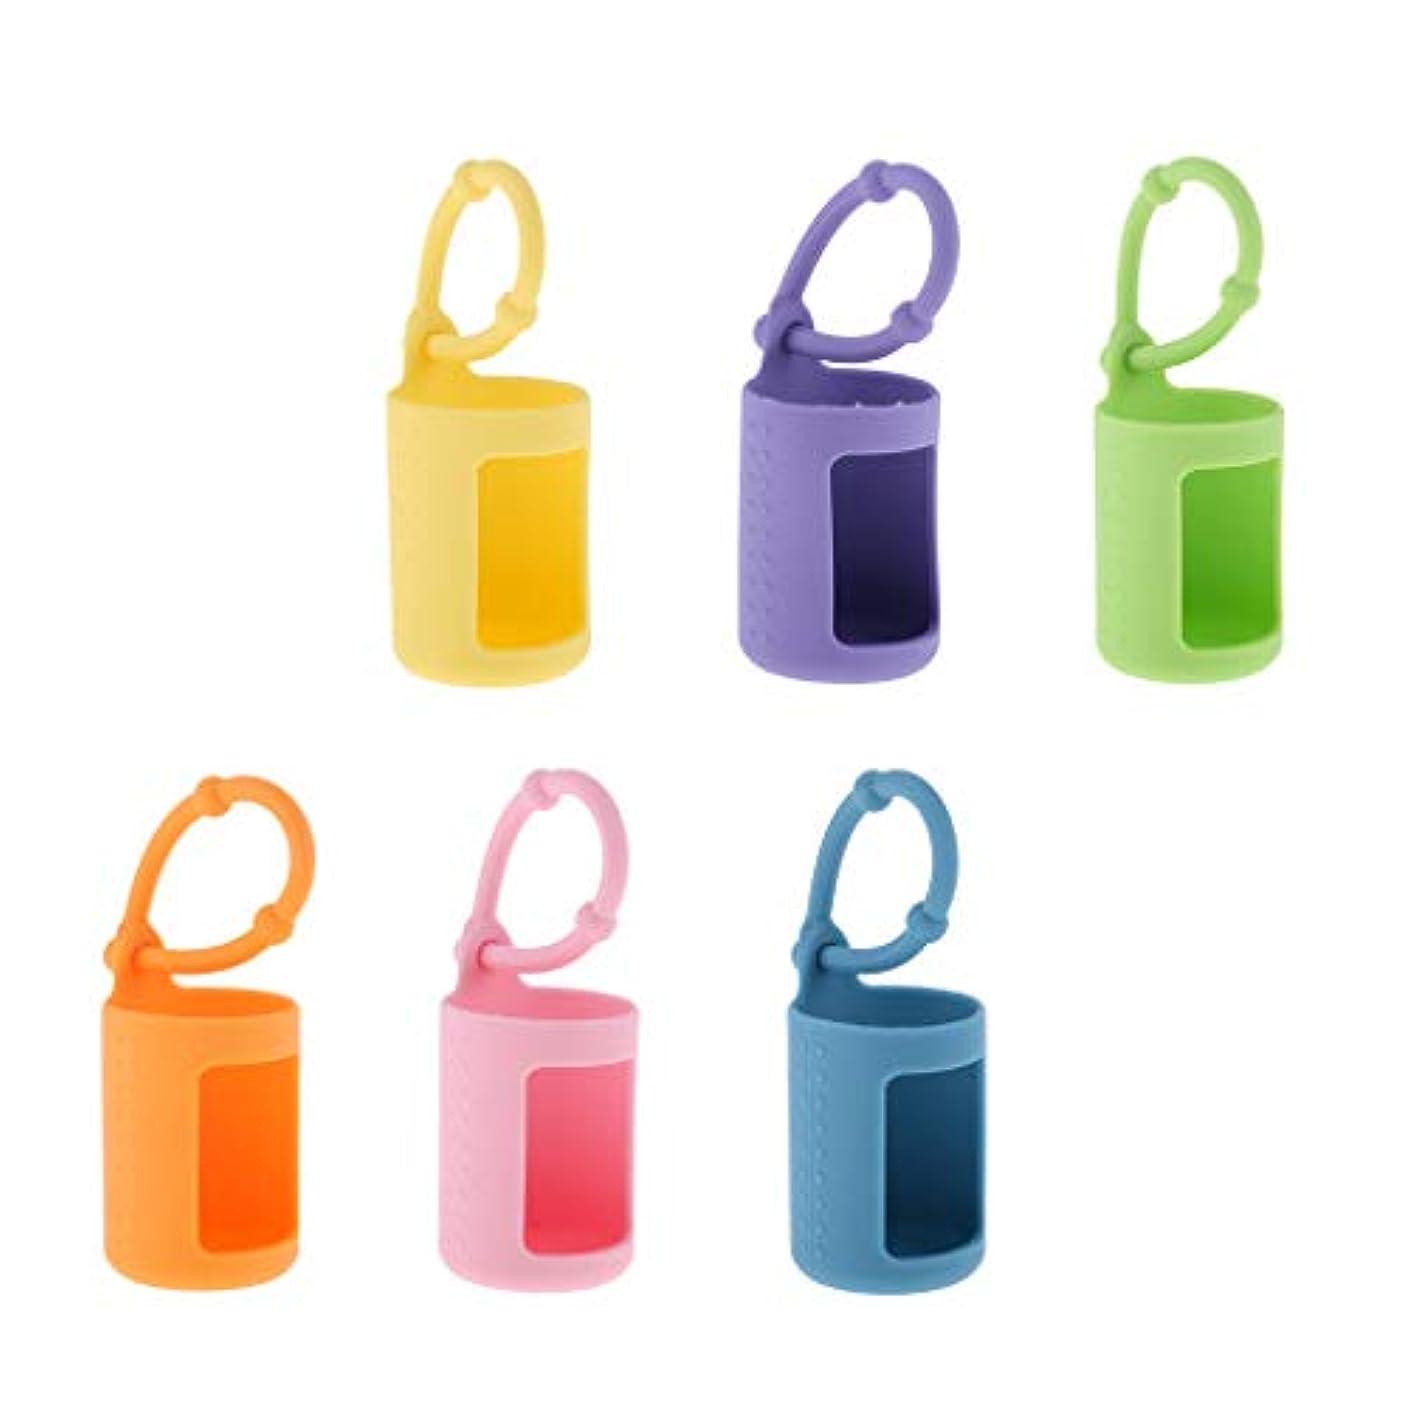 事実上ポイント抽出D DOLITY 6個入 エッセンシャルオイルケース 精油瓶ホルダー シリコン 香水ボトル 15ミリ カバー 吊り掛け